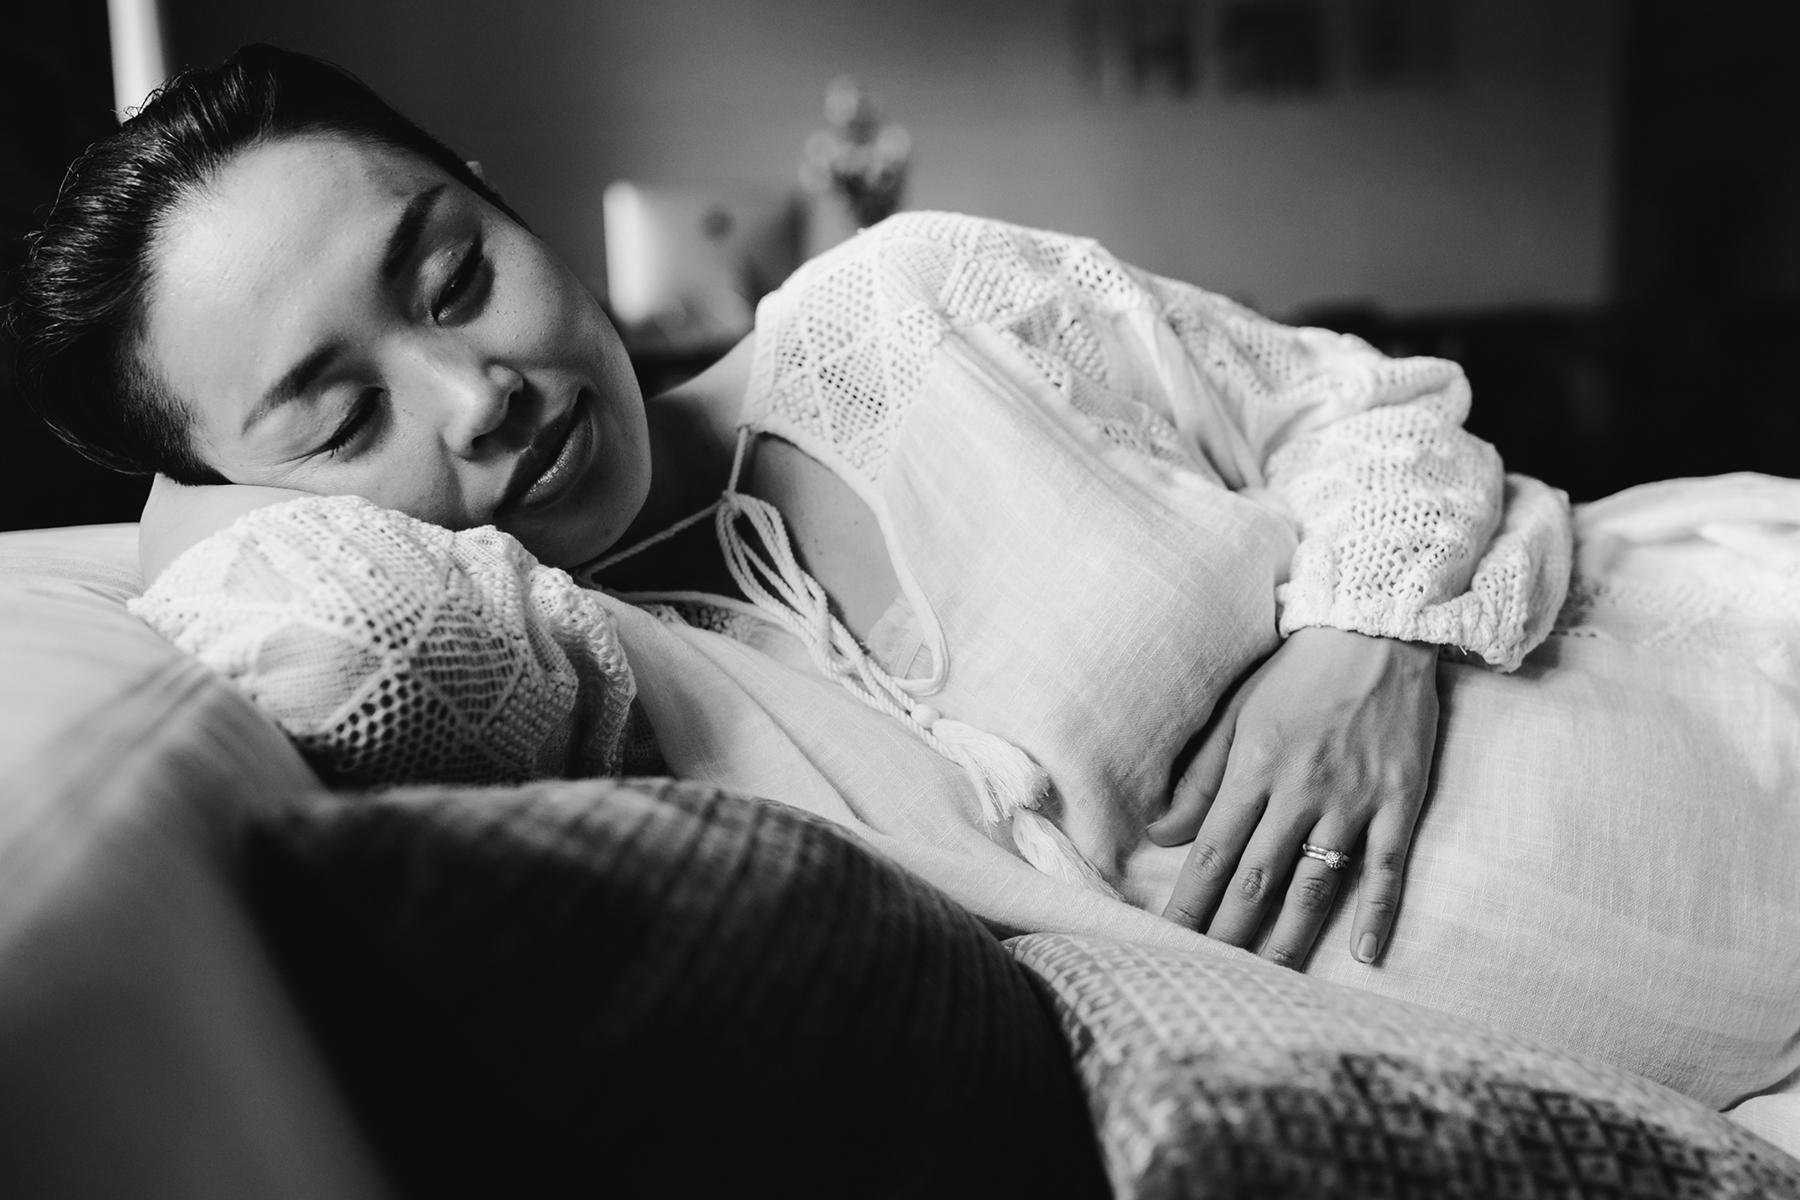 Professionelle Fotografie einer Frau mit Babybauch